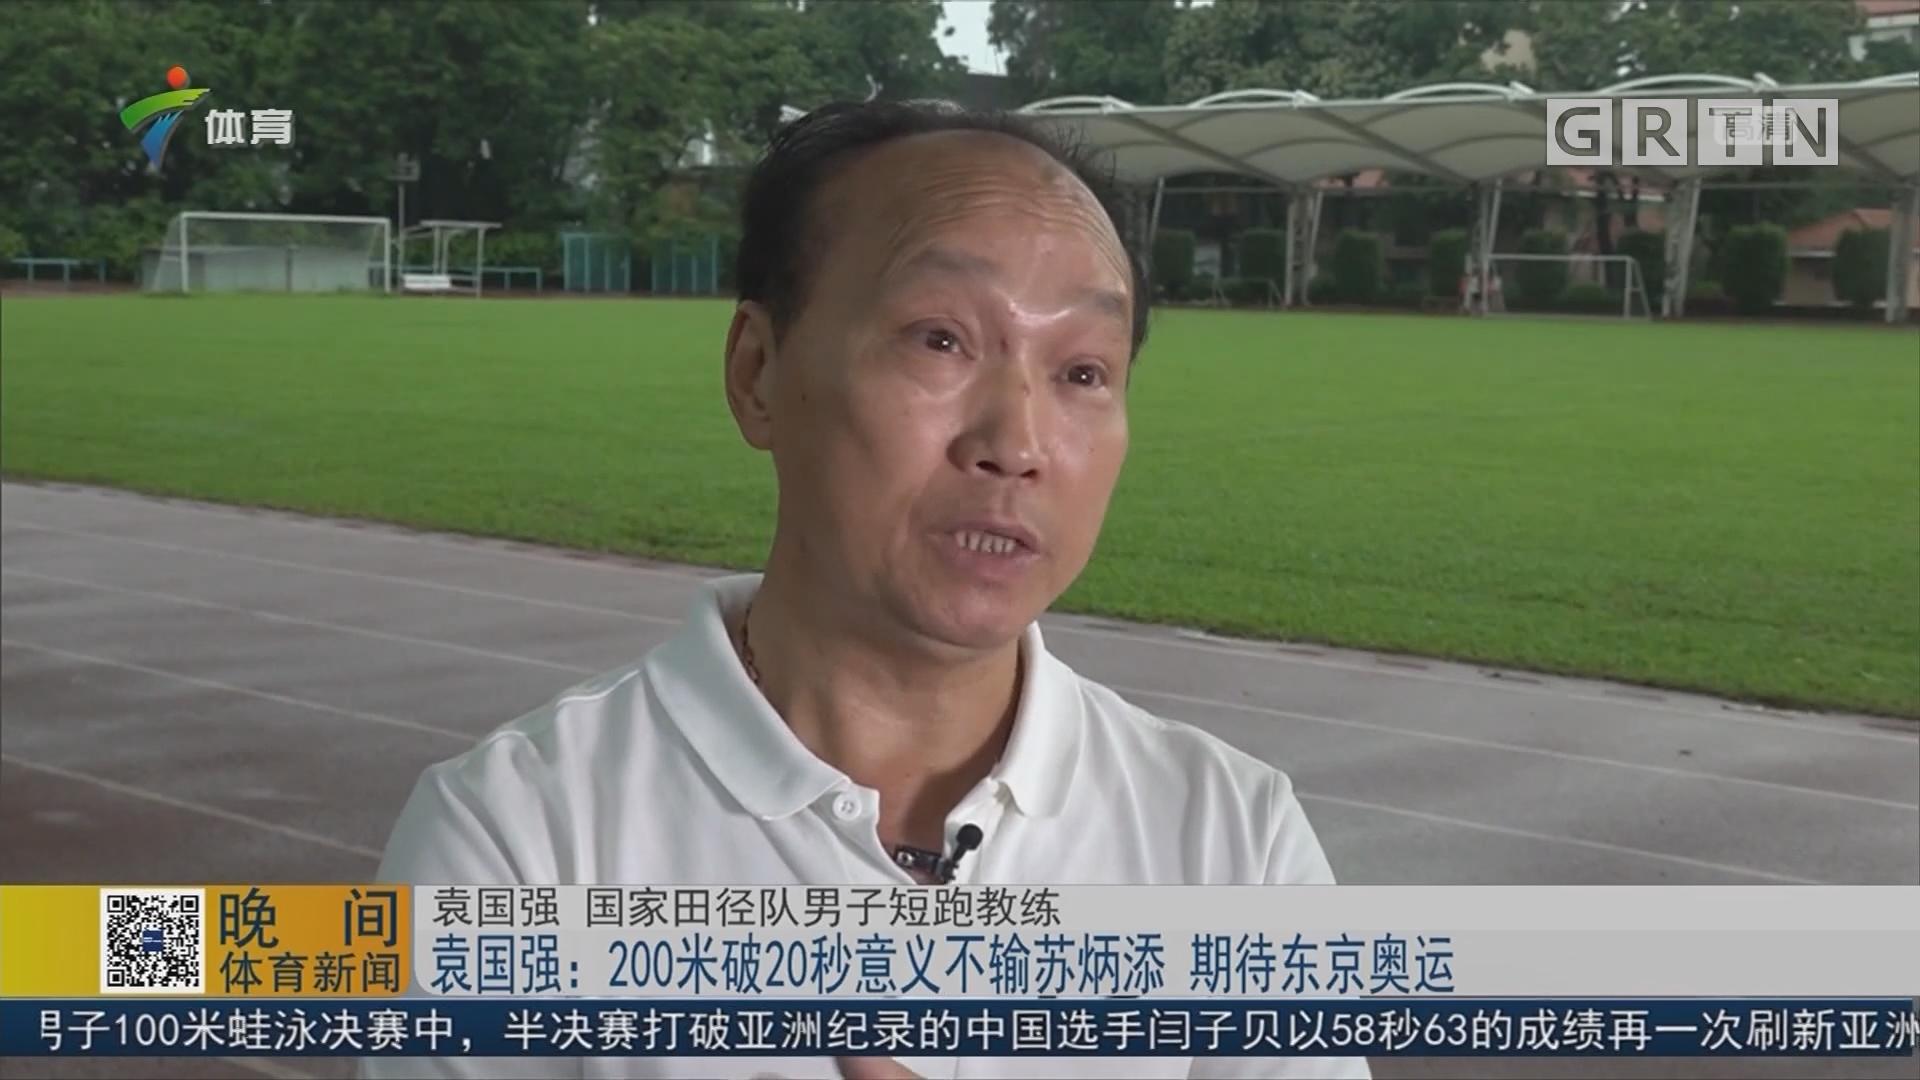 袁国强:200米破20秒意义不输苏炳添 期待东京奥运